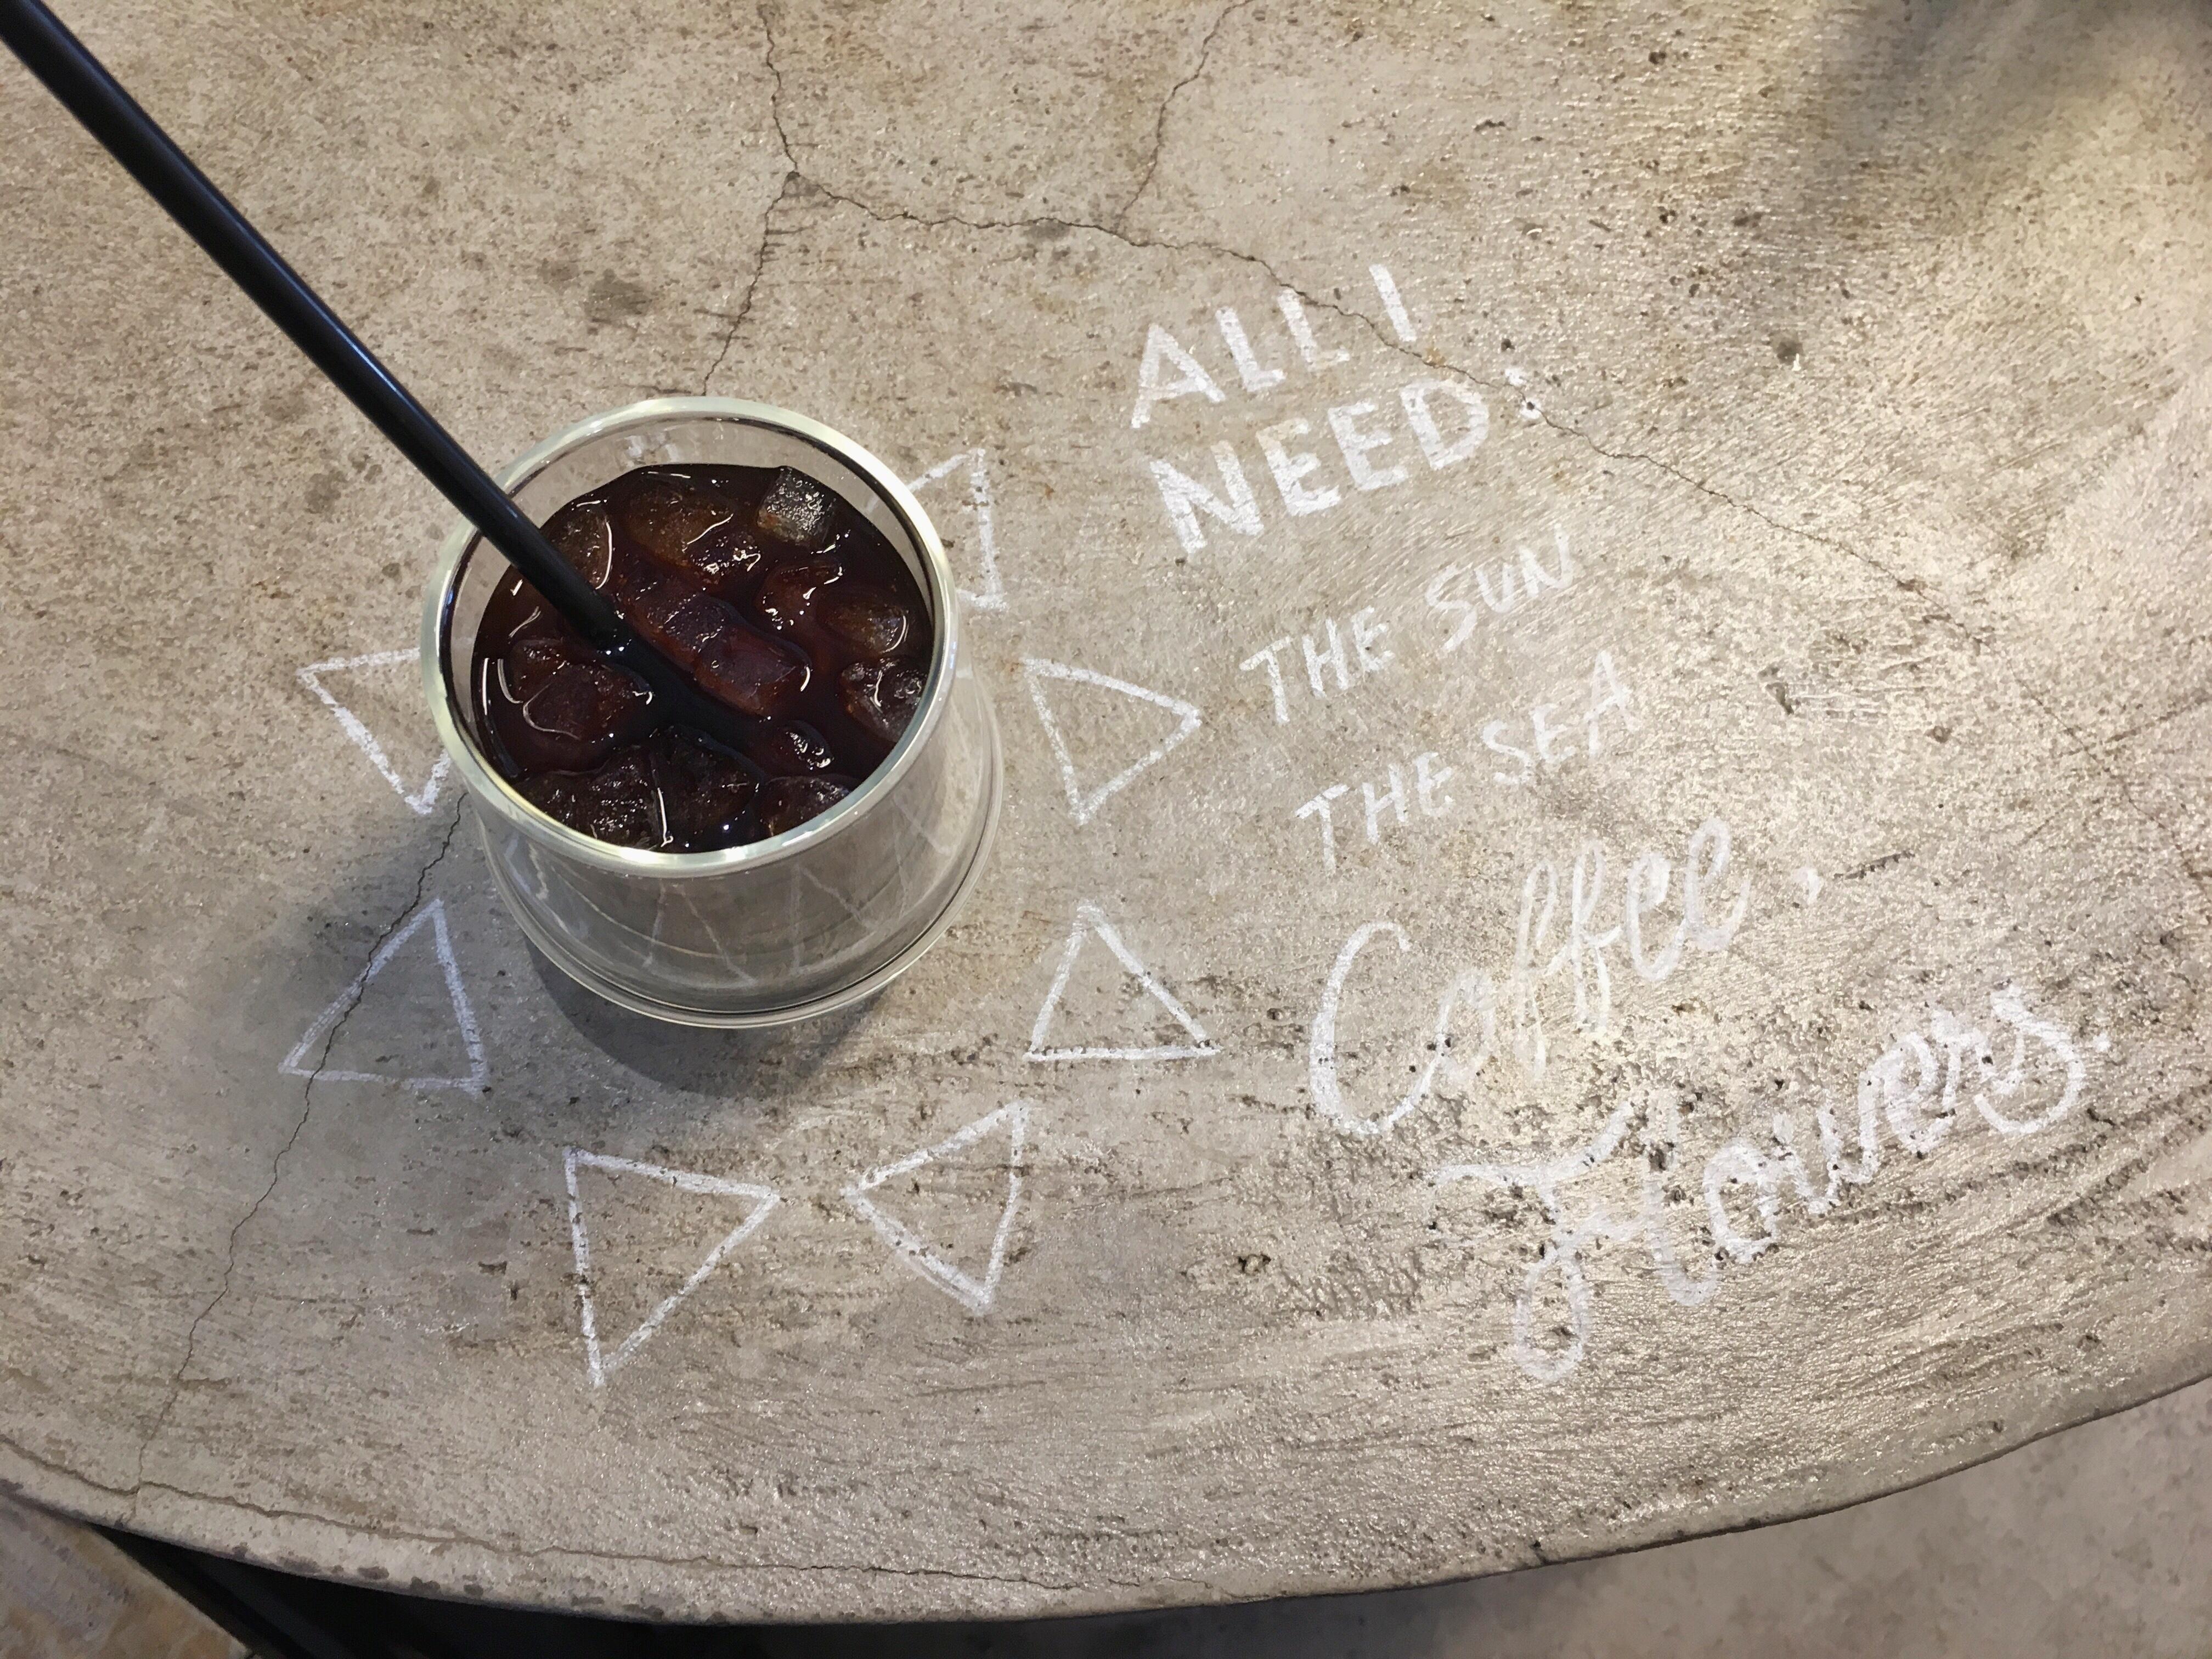 【恵比寿】駅近のessence cafe がワンコインモーニング以外にも魅力満載だった話